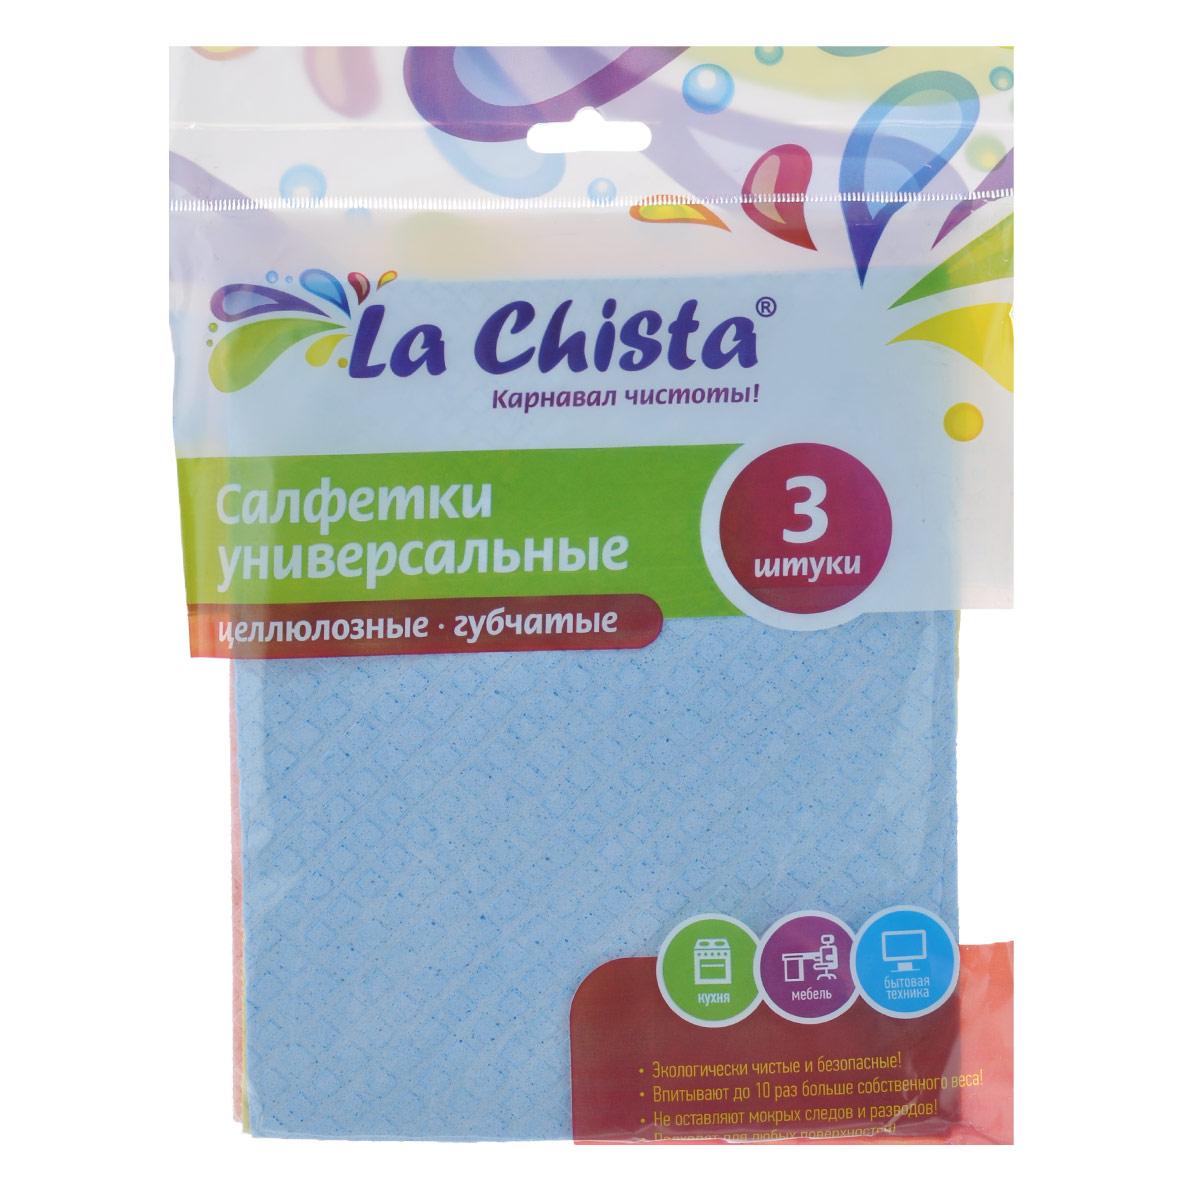 Салфетки универсальные La Chista, губчатые, 15 см х 15 см, 3 шт870131Универсальные губчатые салфетки La Chista, изготовленные из целлюлозы, прекрасно подойдут для влажной уборки. Такие салфетки впитывают до 10 раз больше собственного веса. Подходят для любых поверхностей и не оставляют ворсинок и разводов. Экологически безопасные. Комплектация: 3 шт.